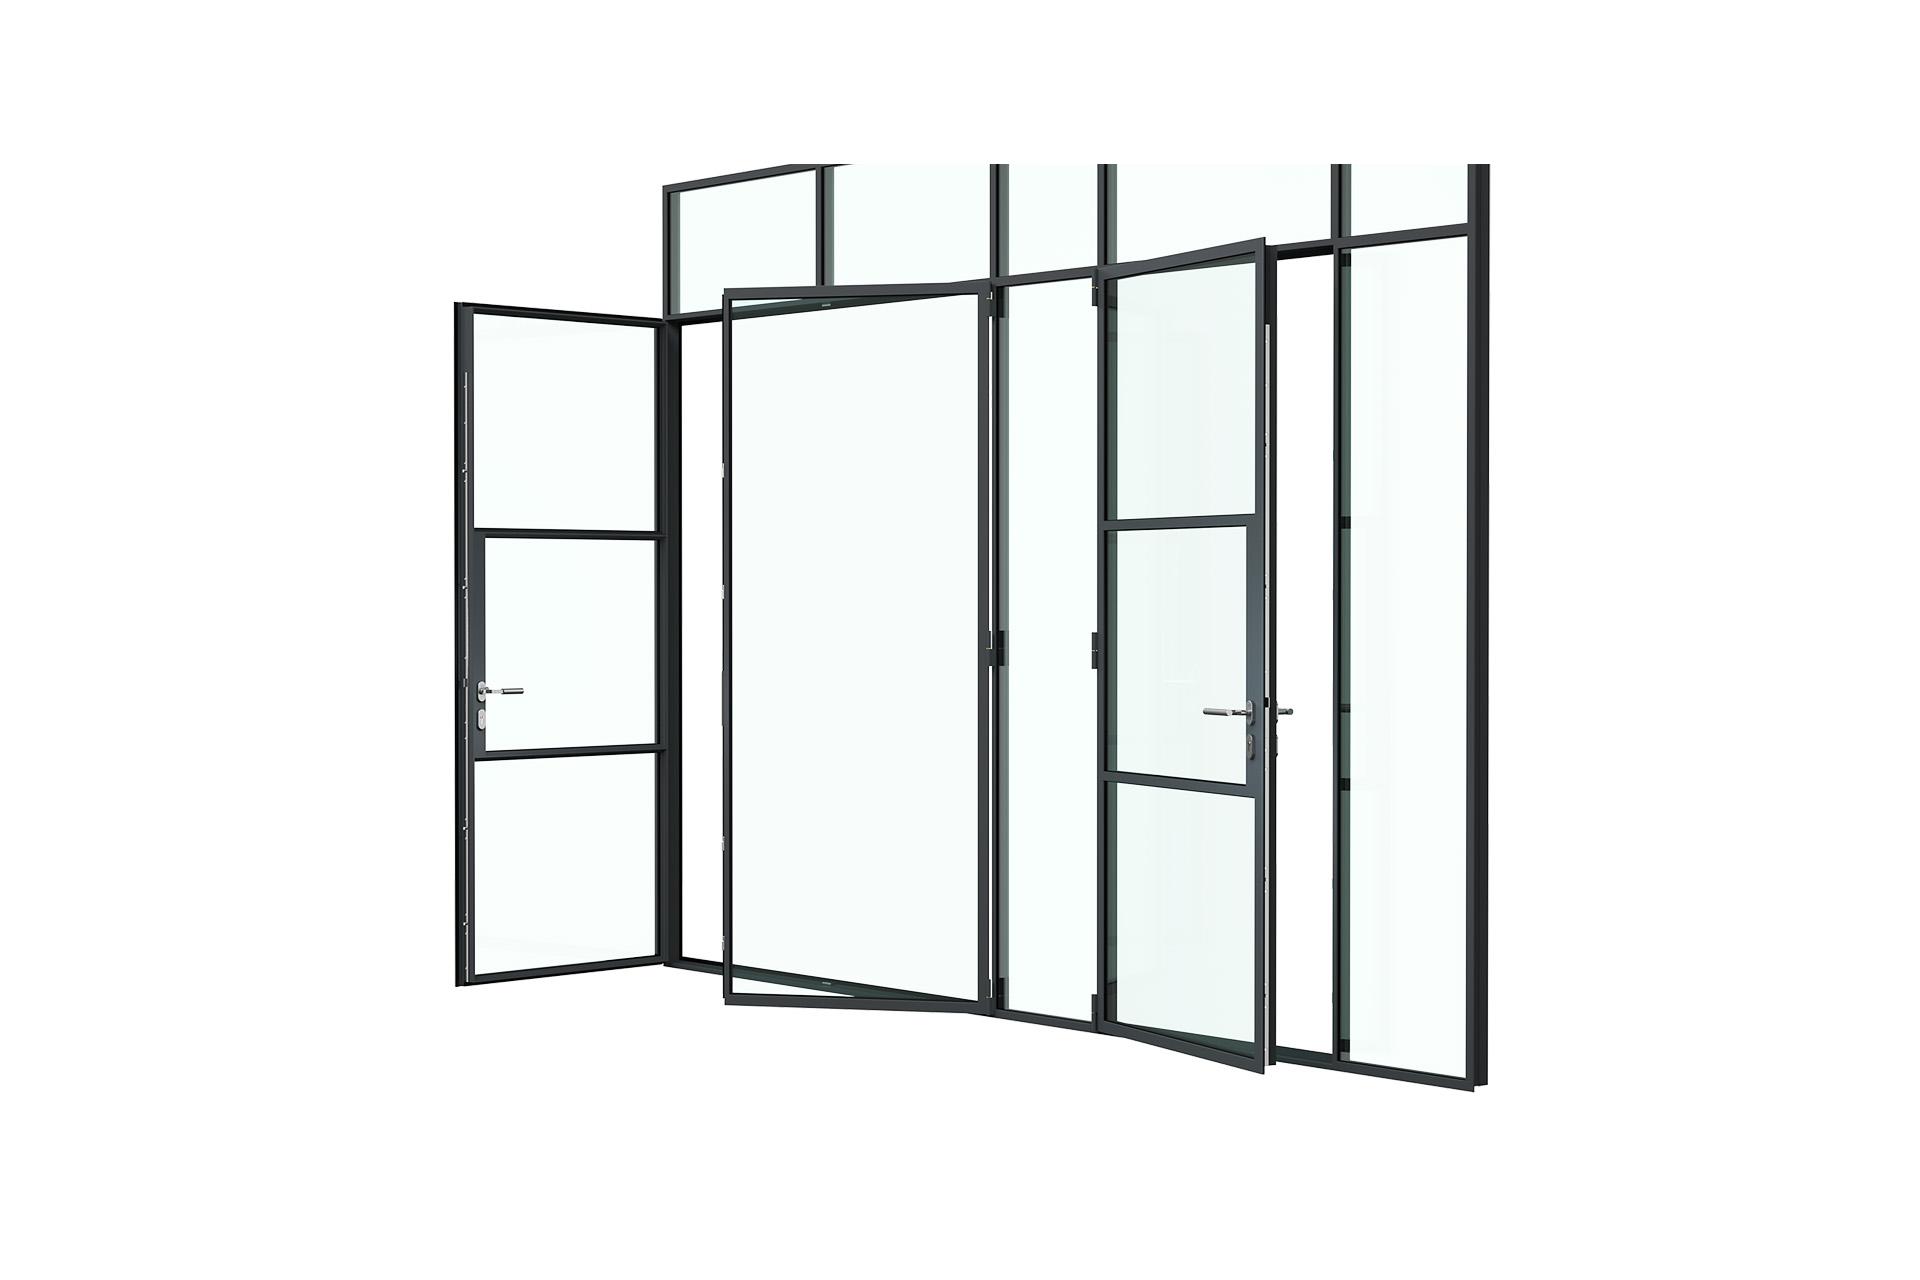 3d rendering side view of MHB steel partial lock mullion doors